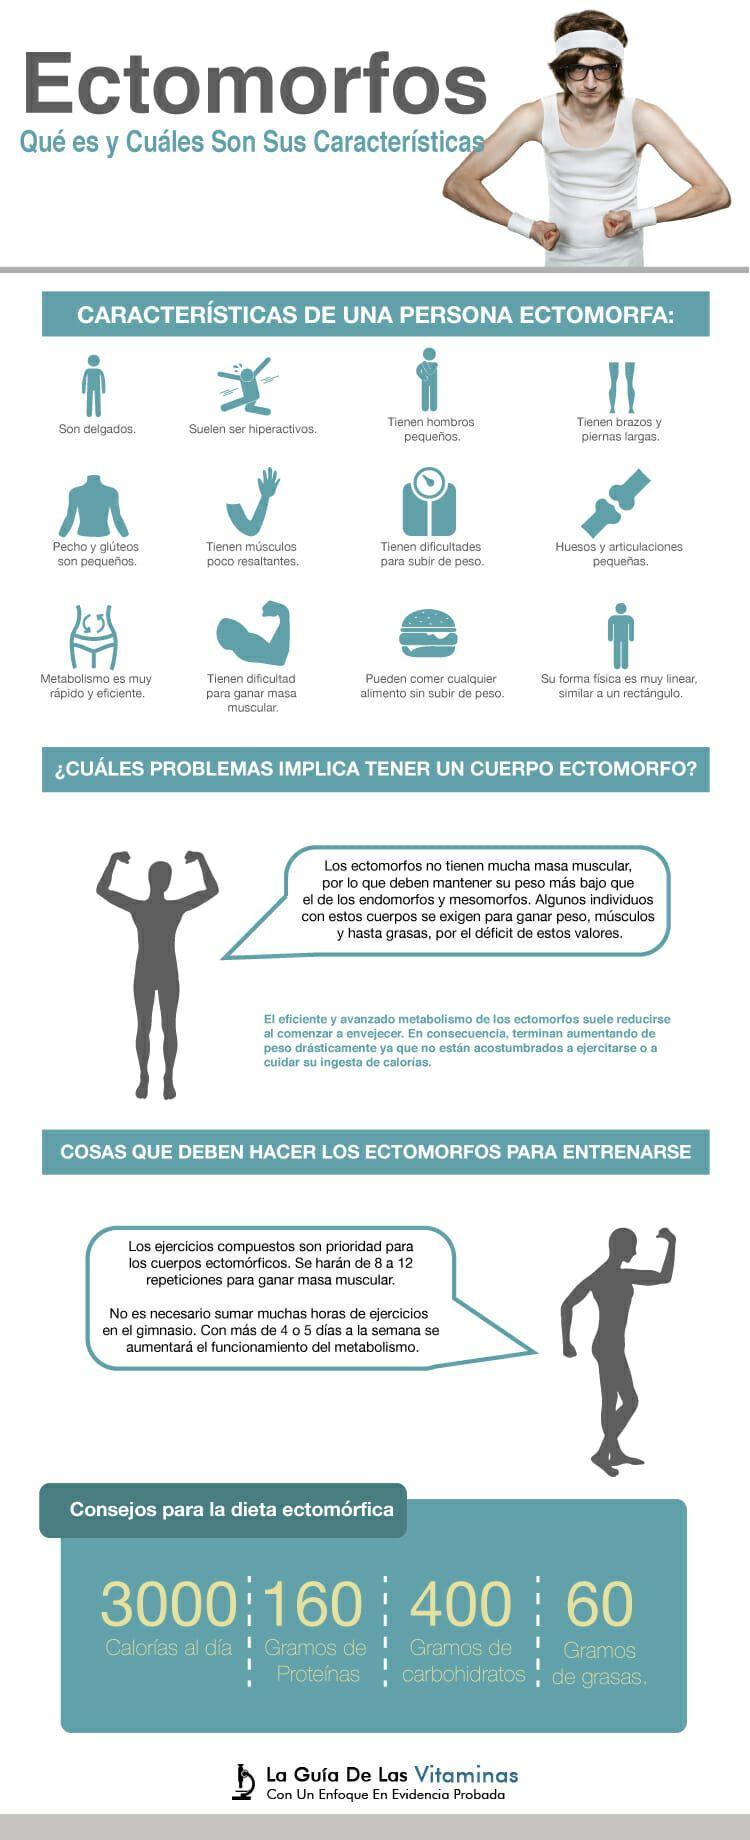 Dieta para aumentar masa muscular ectomorfo